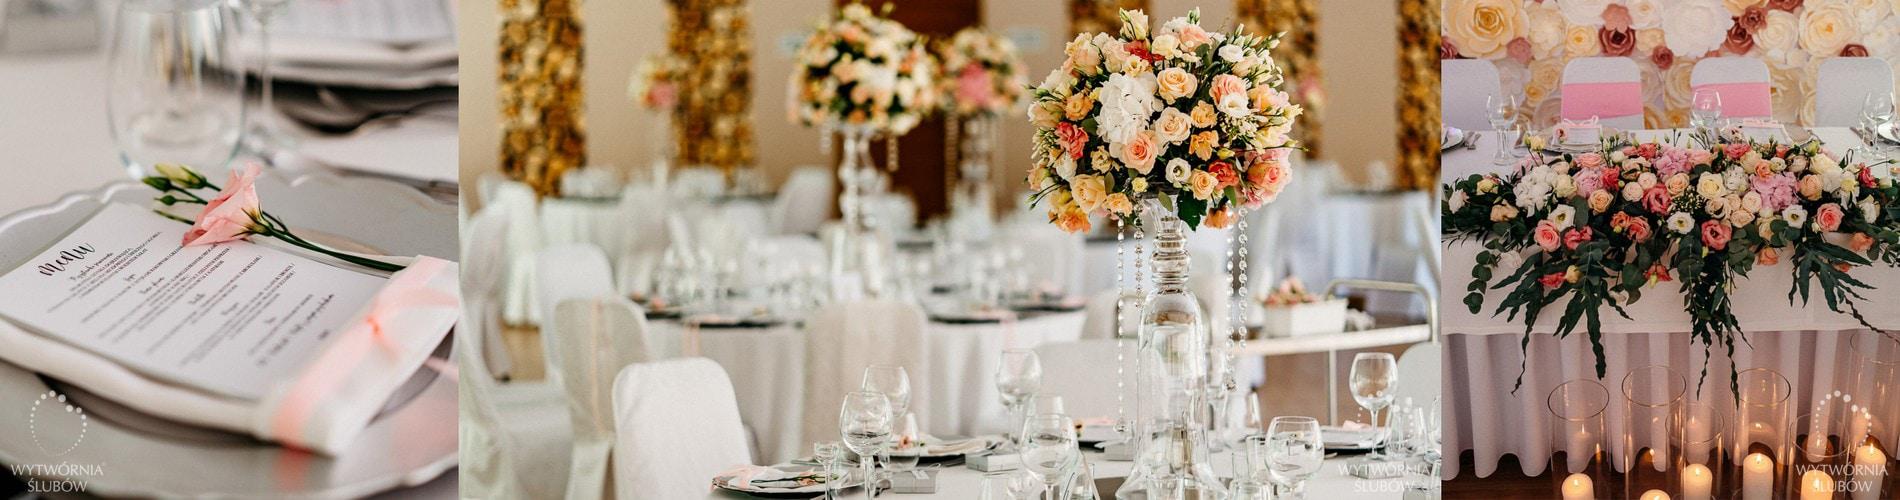 organizacja ślubu we wrocławiu